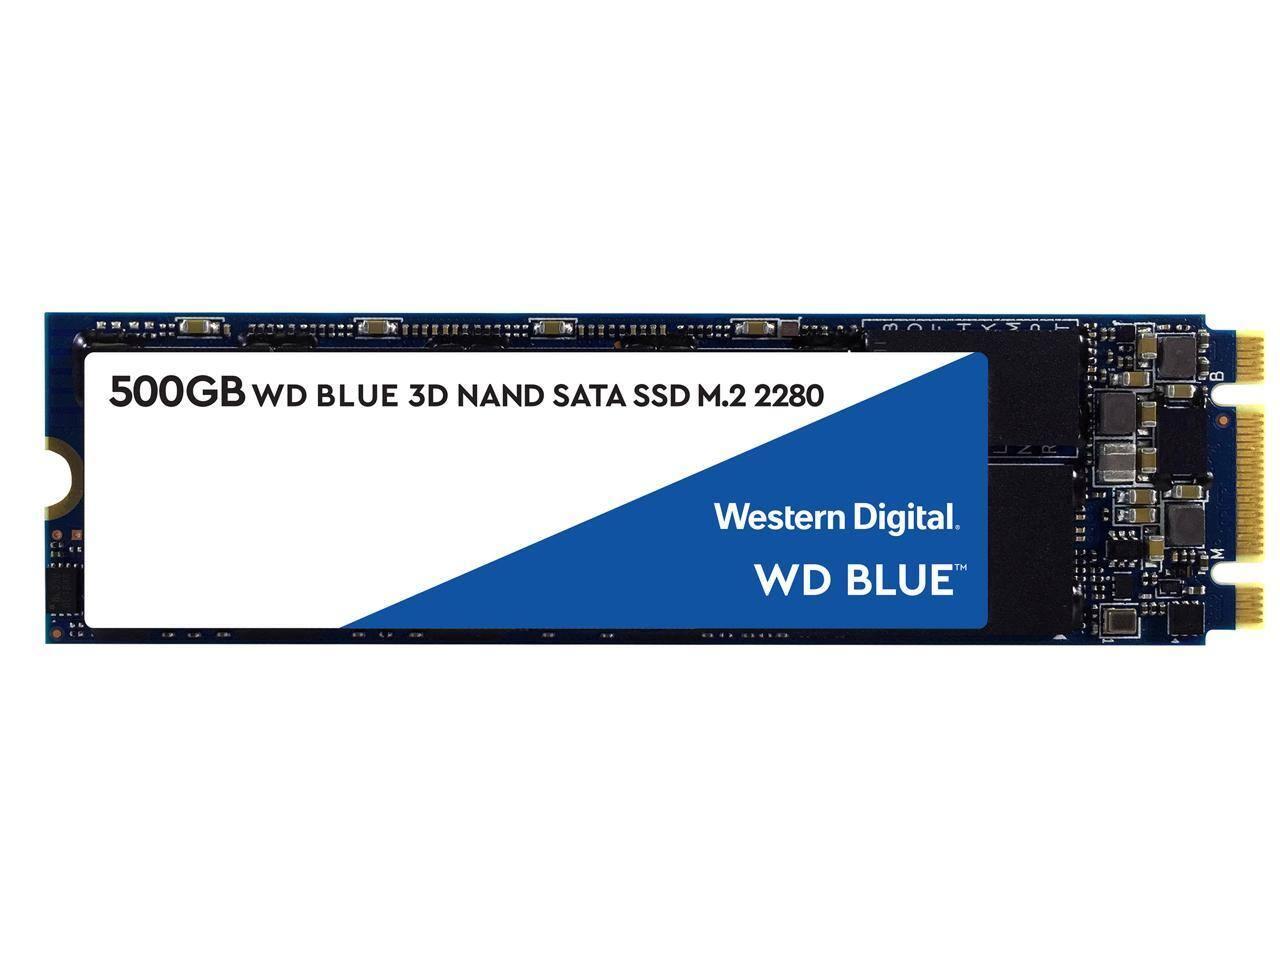 WD Blue 3D NAND 2TB Internal SSD [SATA III 6Gb/s M.2 2280] for $184.99 w/ FS after PC